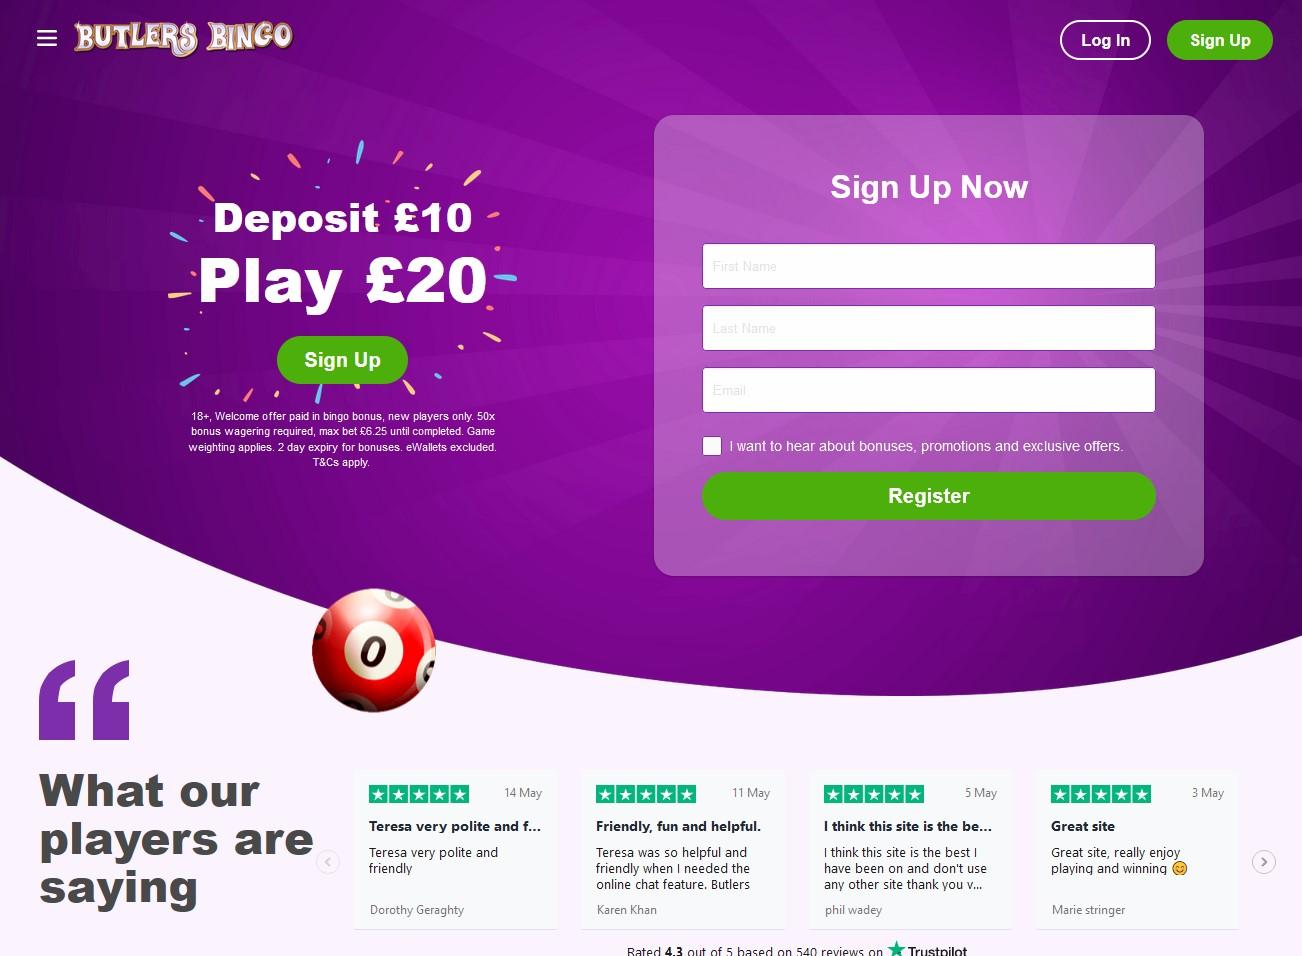 Butlers Bingo Website